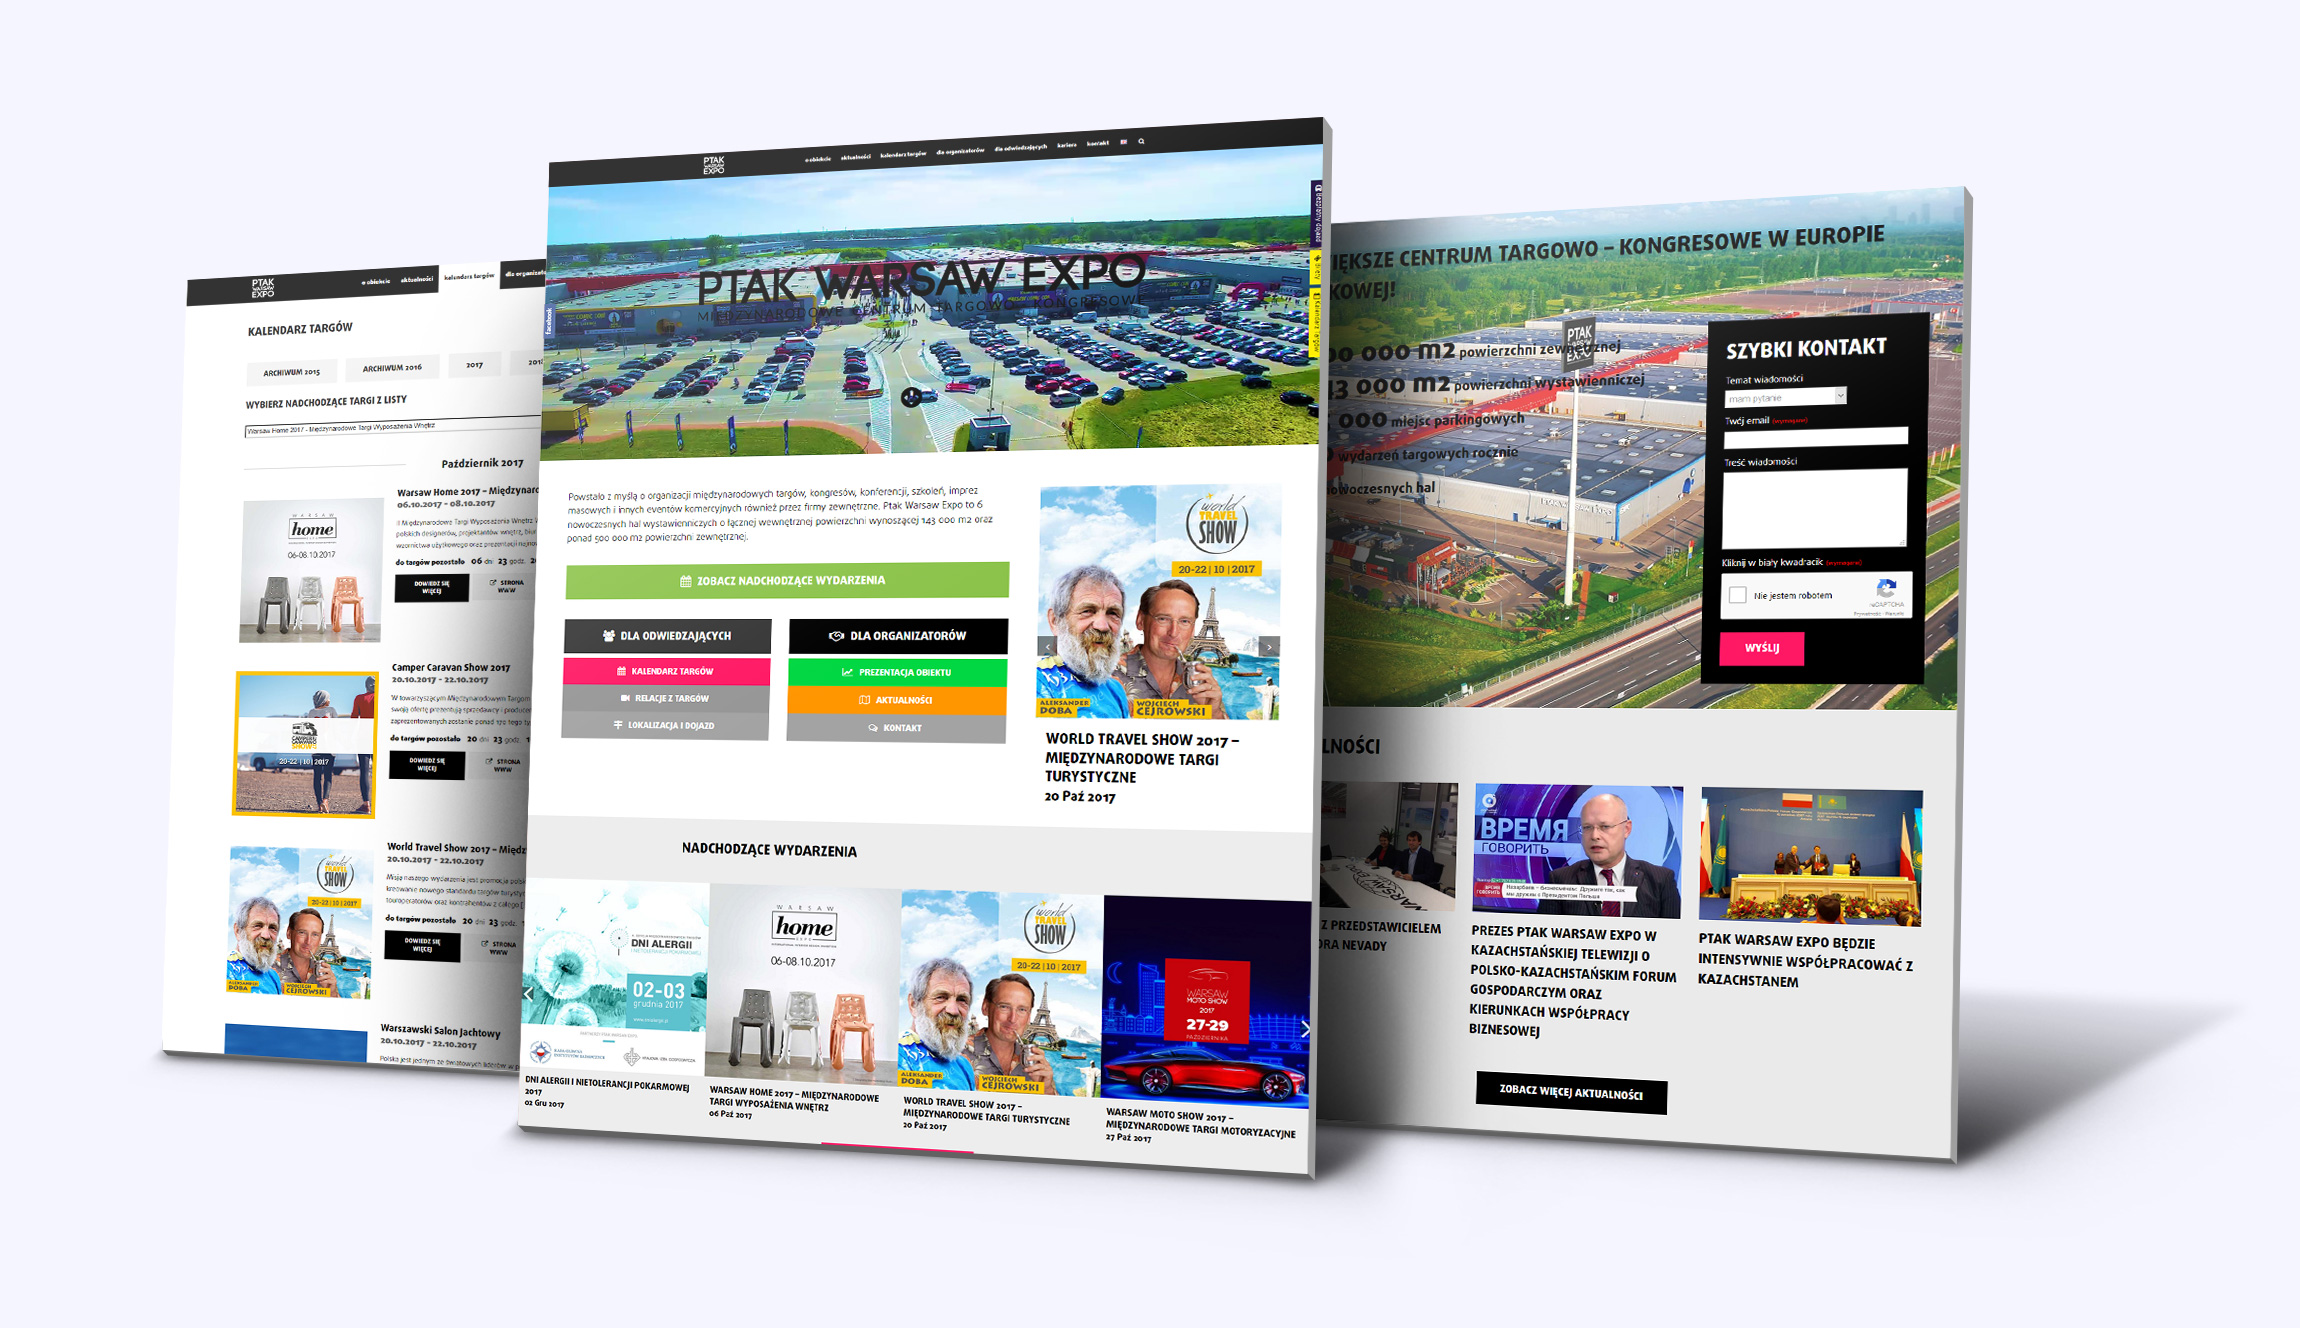 Strona internetowa Ptak Warsaw Expo